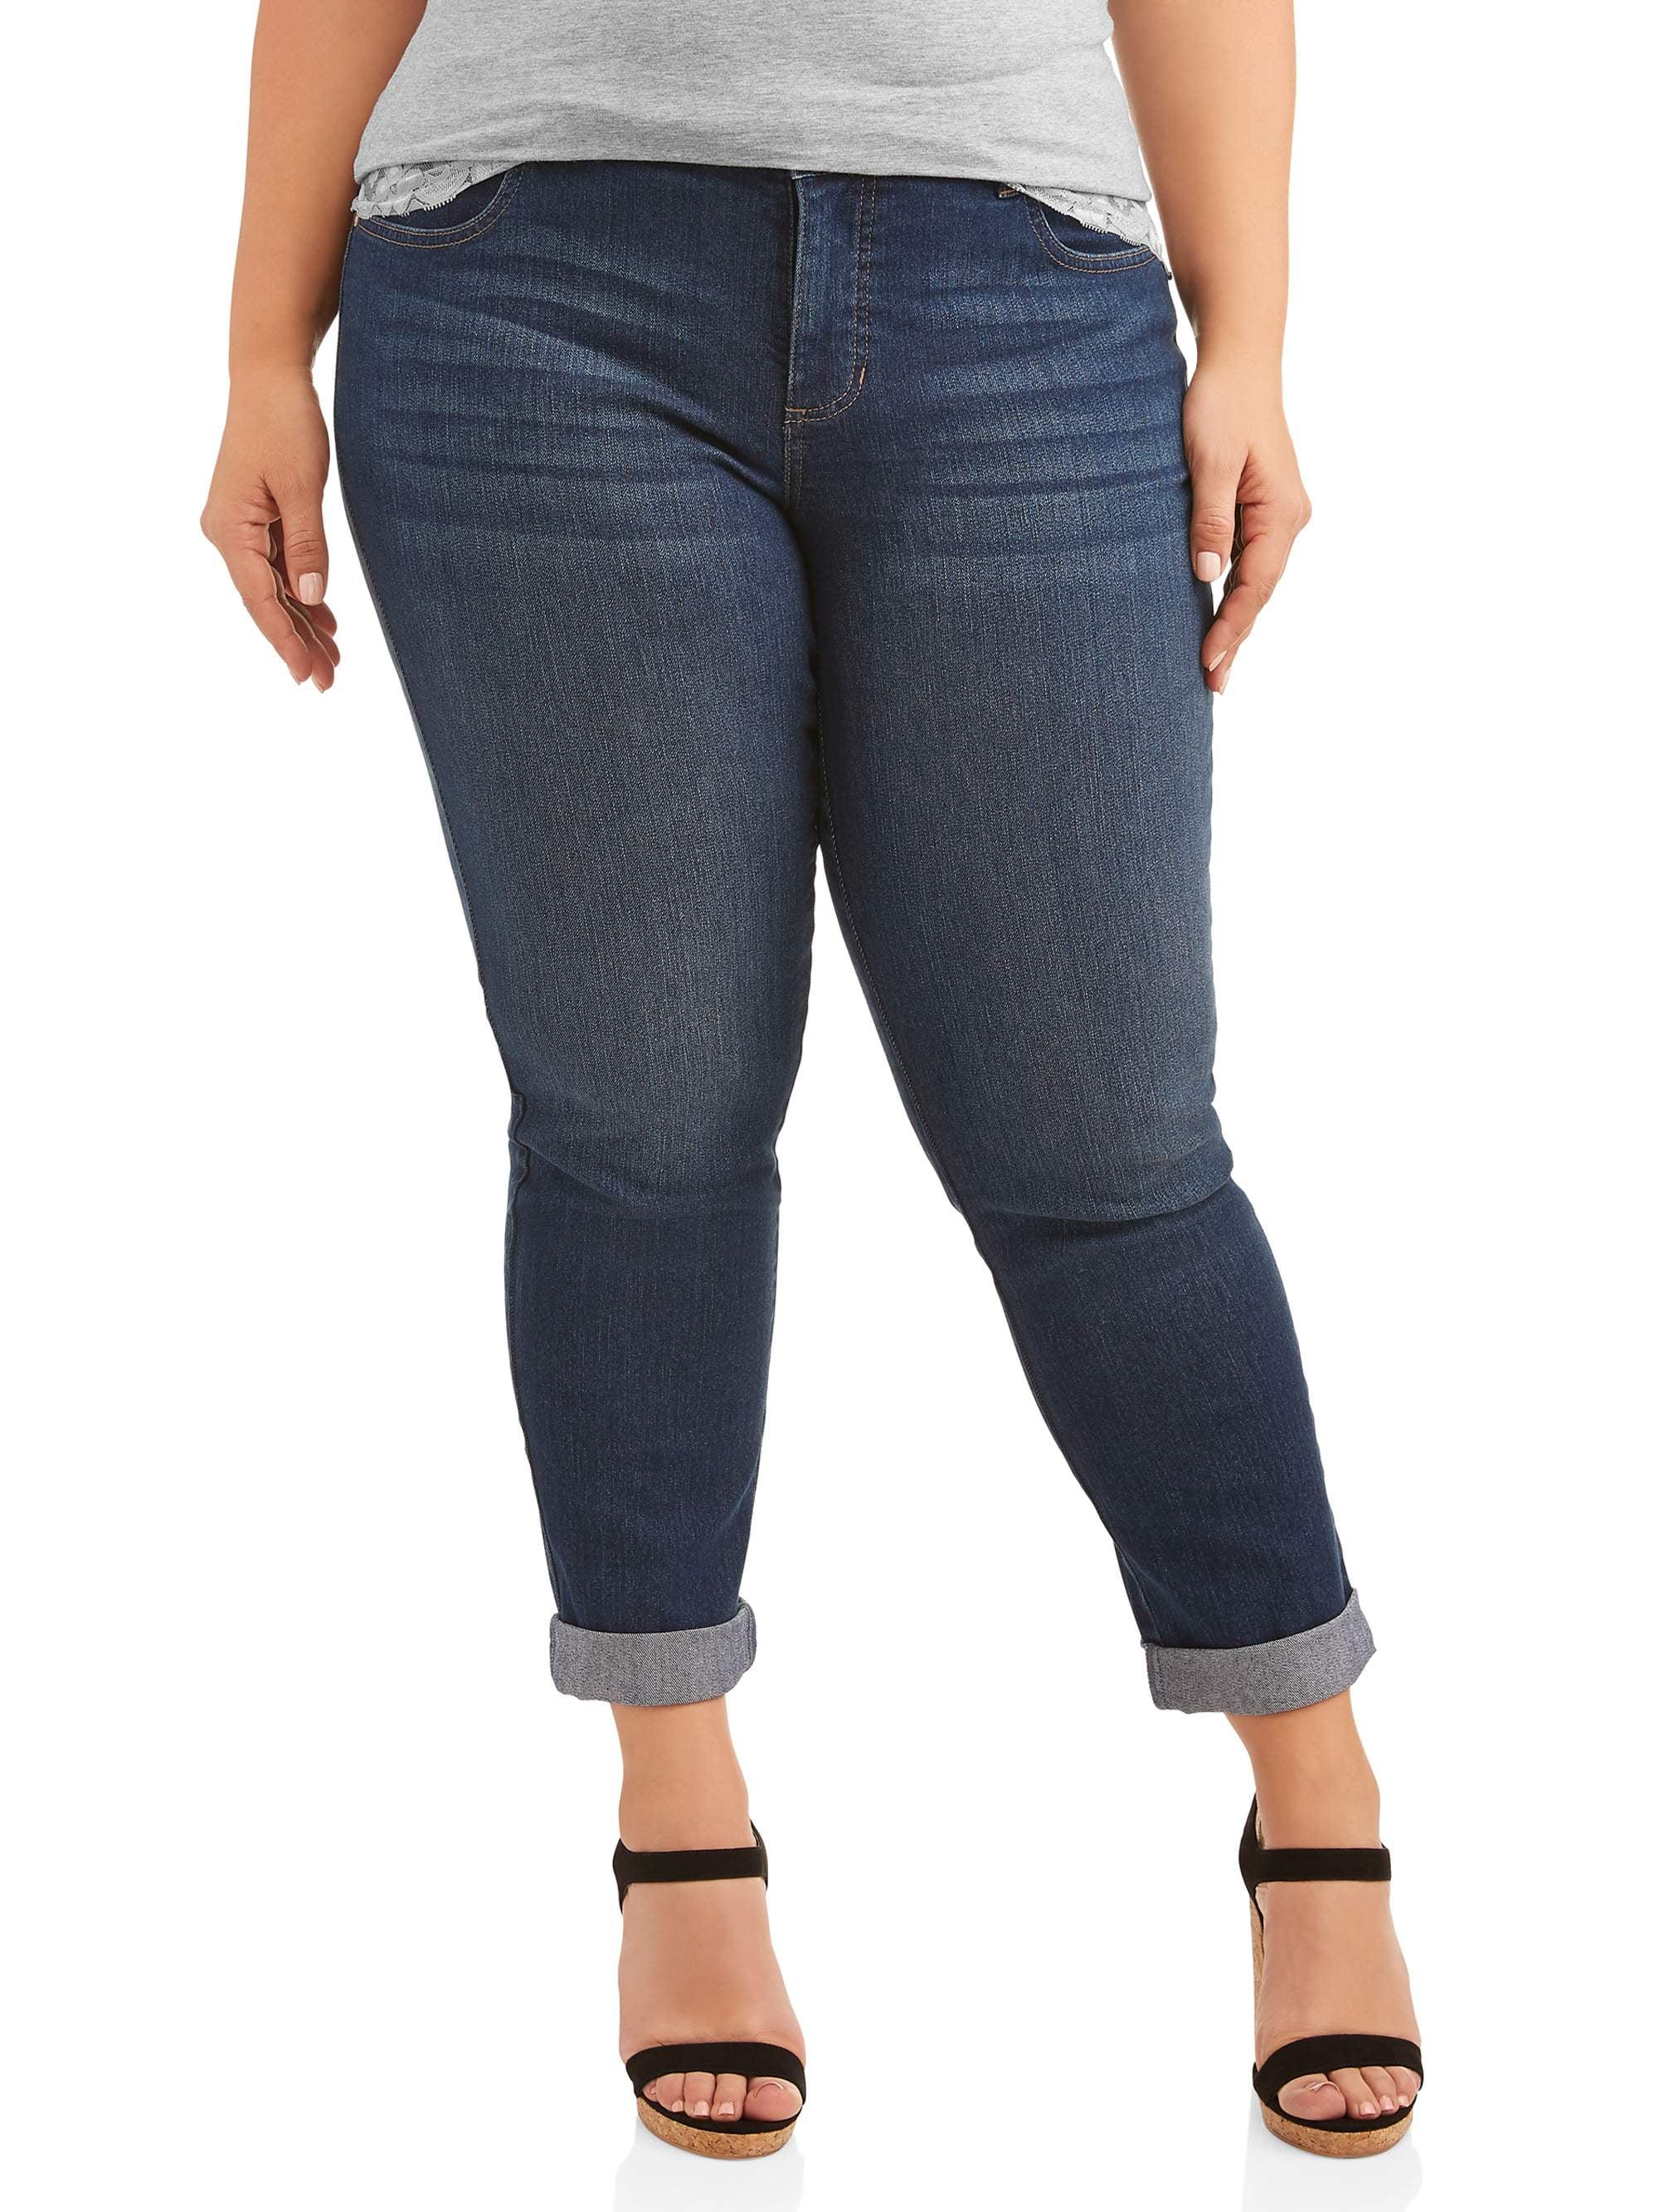 Just My Size Women's Plus-Size Boyfriend 5 pocket Stretch Jean